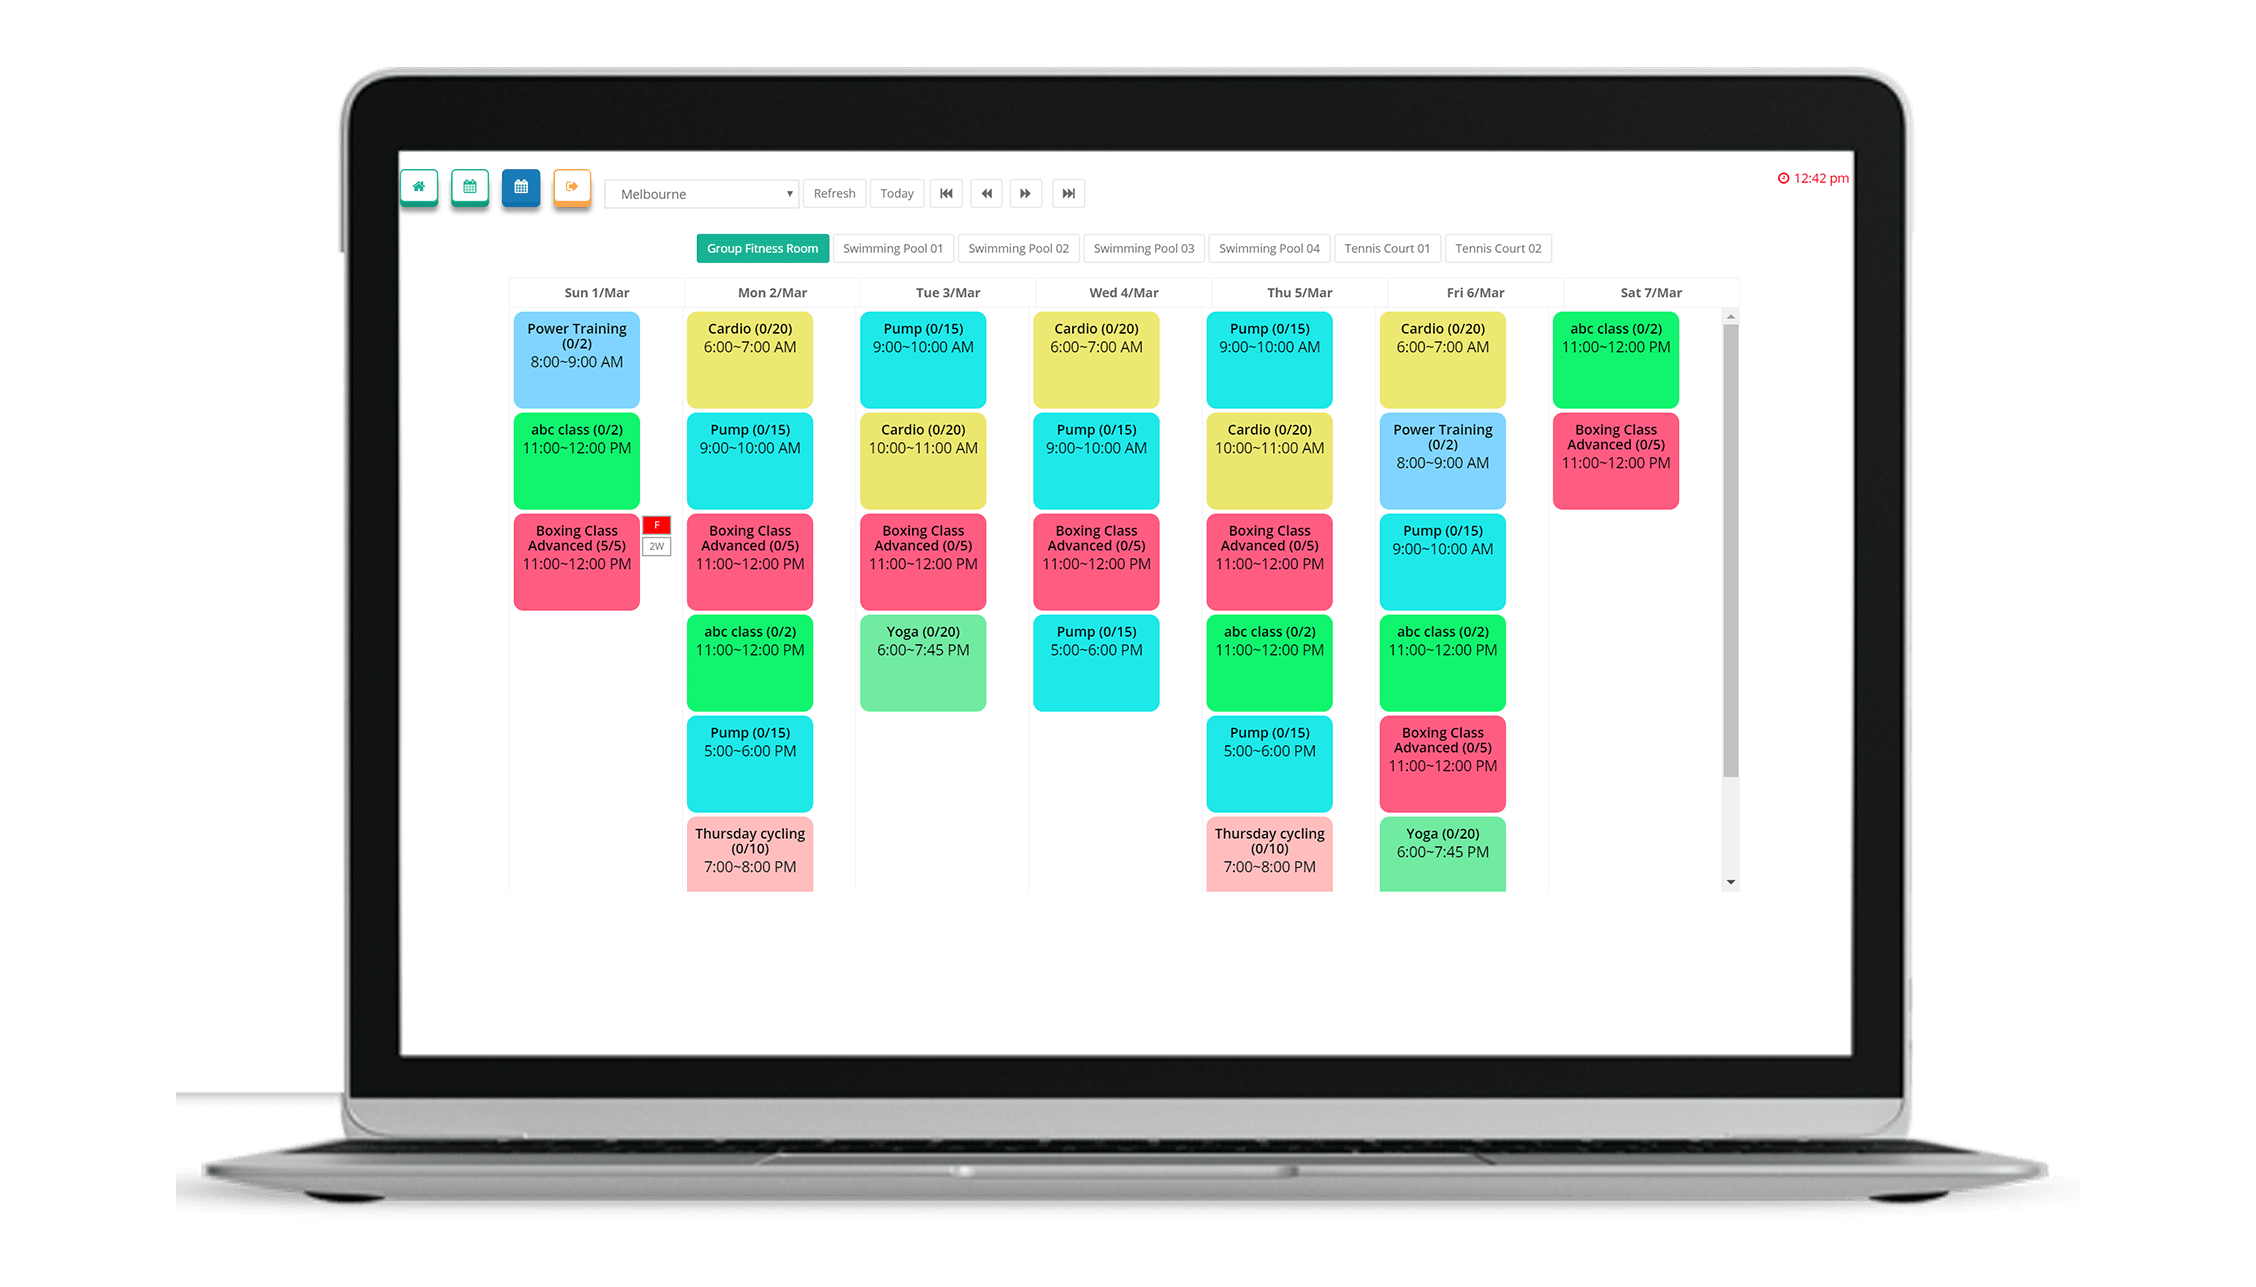 VIGYR Gym Management Software - Online Booking 2